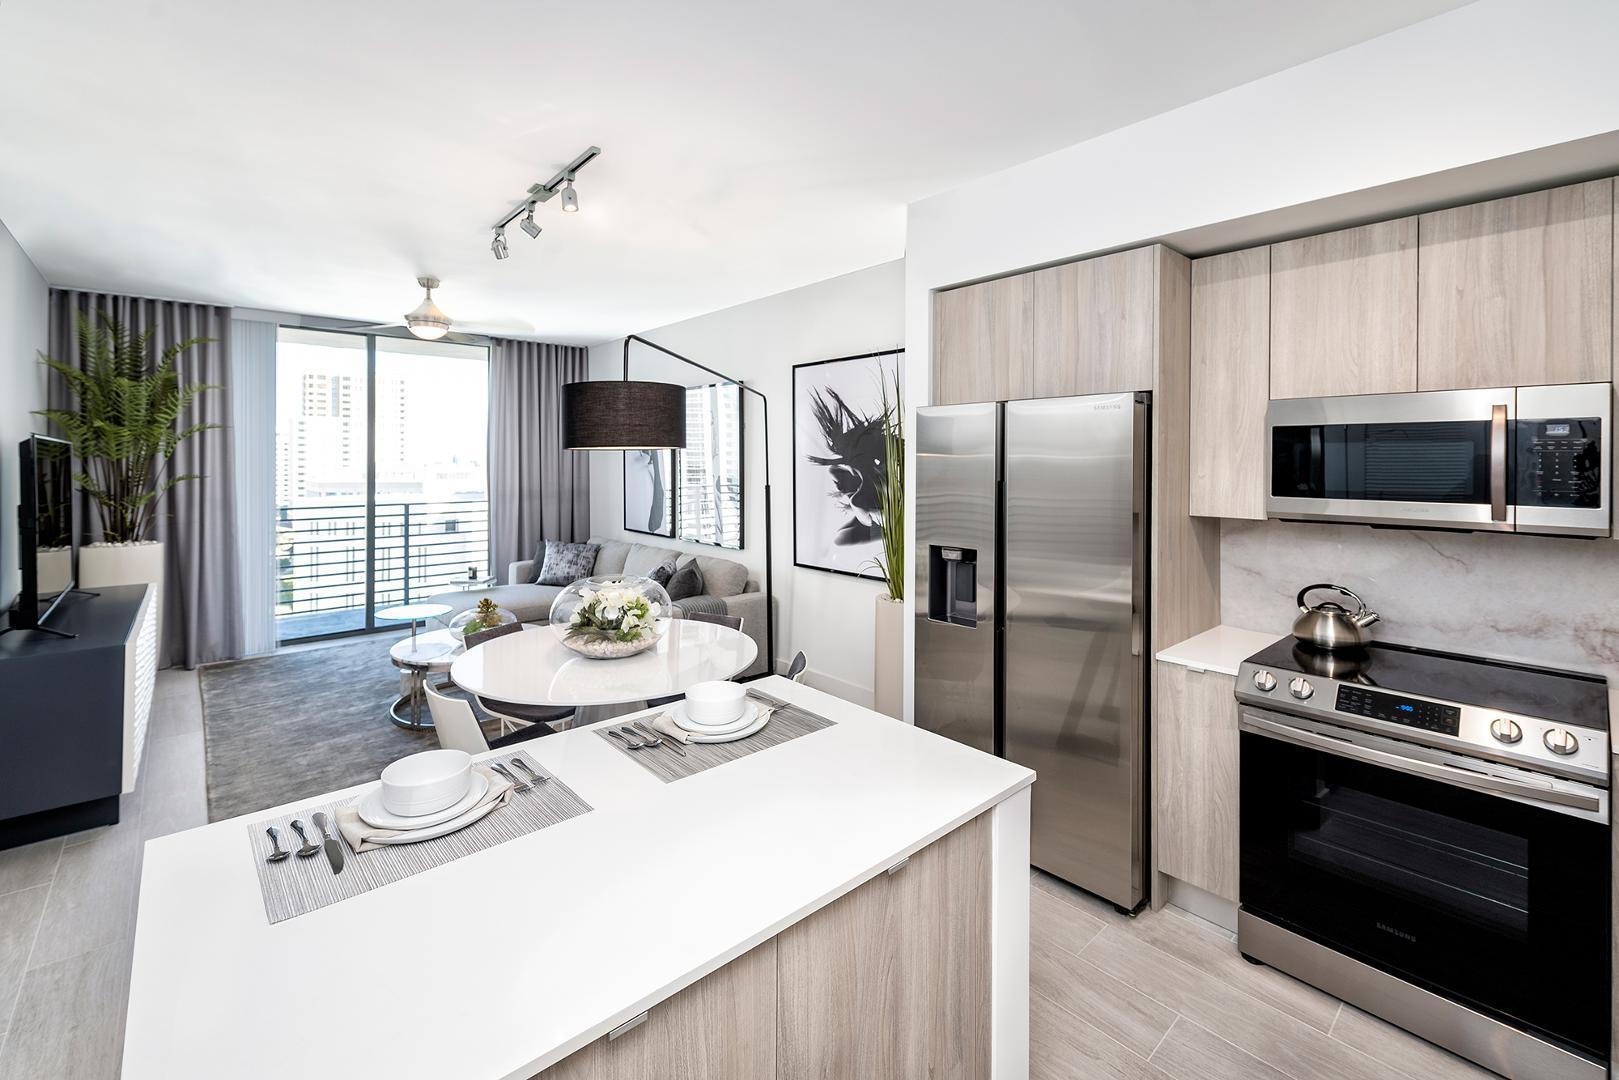 416 SW 1st Avenue #1704, Fort Lauderdale, FL - $1,985 USD/ month